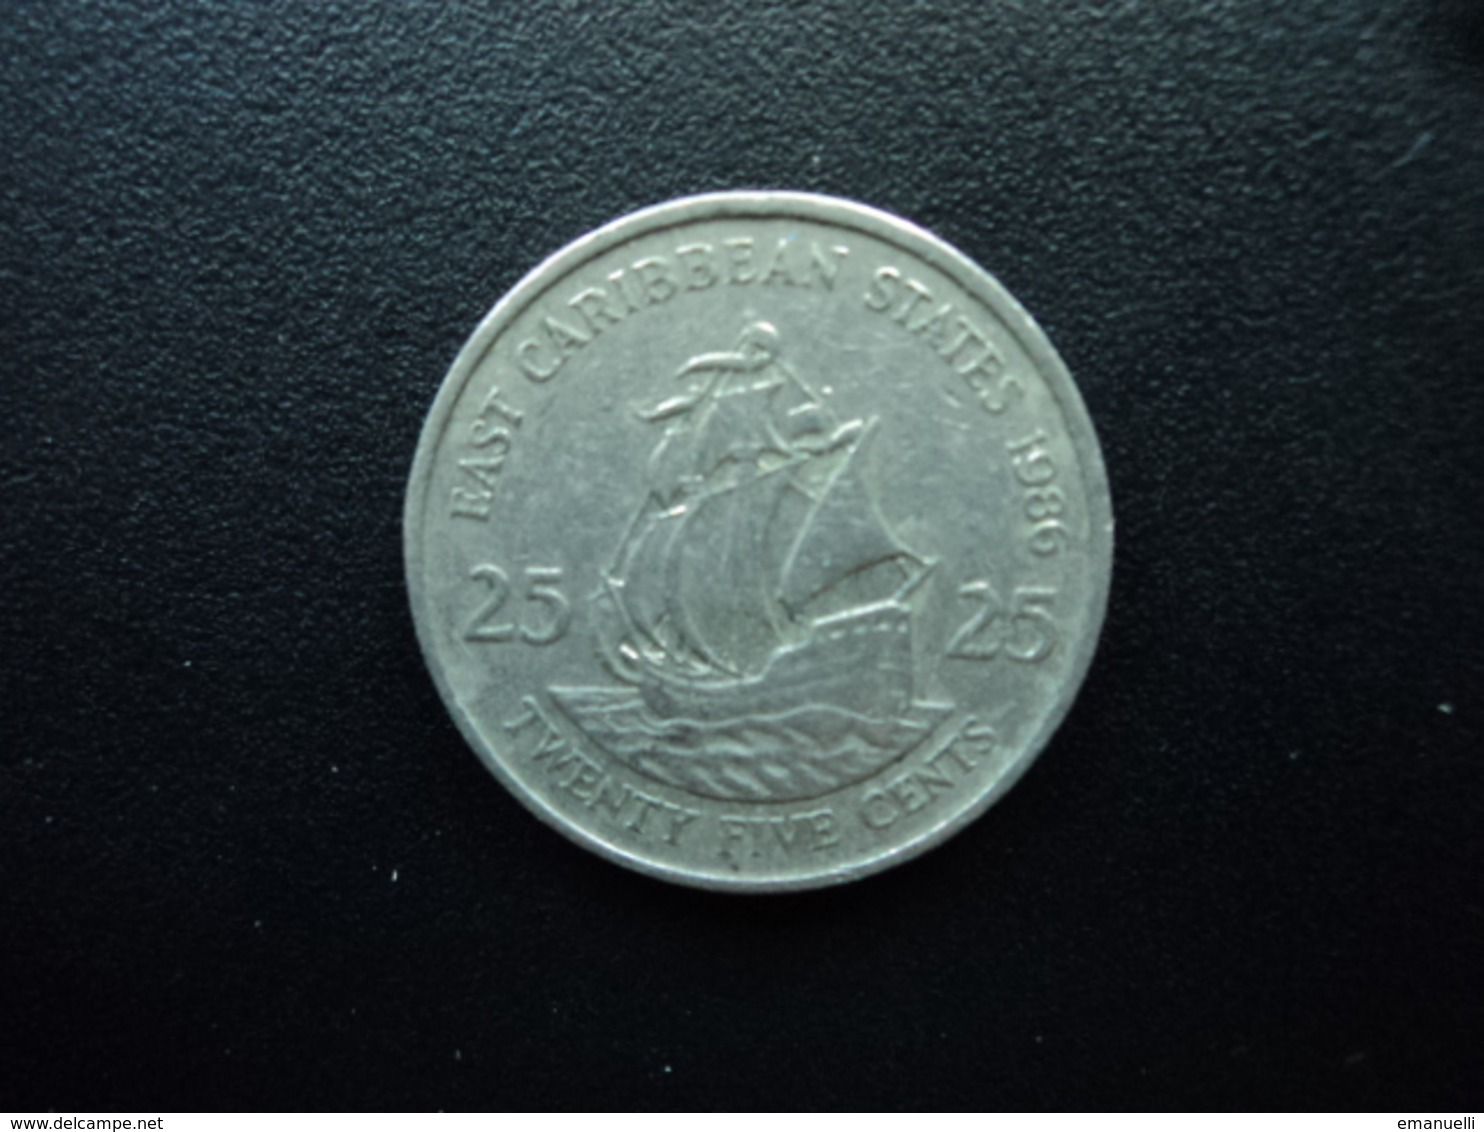 CARAÏBES ORIENTALES : 25 CENTS   1986   KM 14    TTB - Caraïbes Orientales (Etats Des)